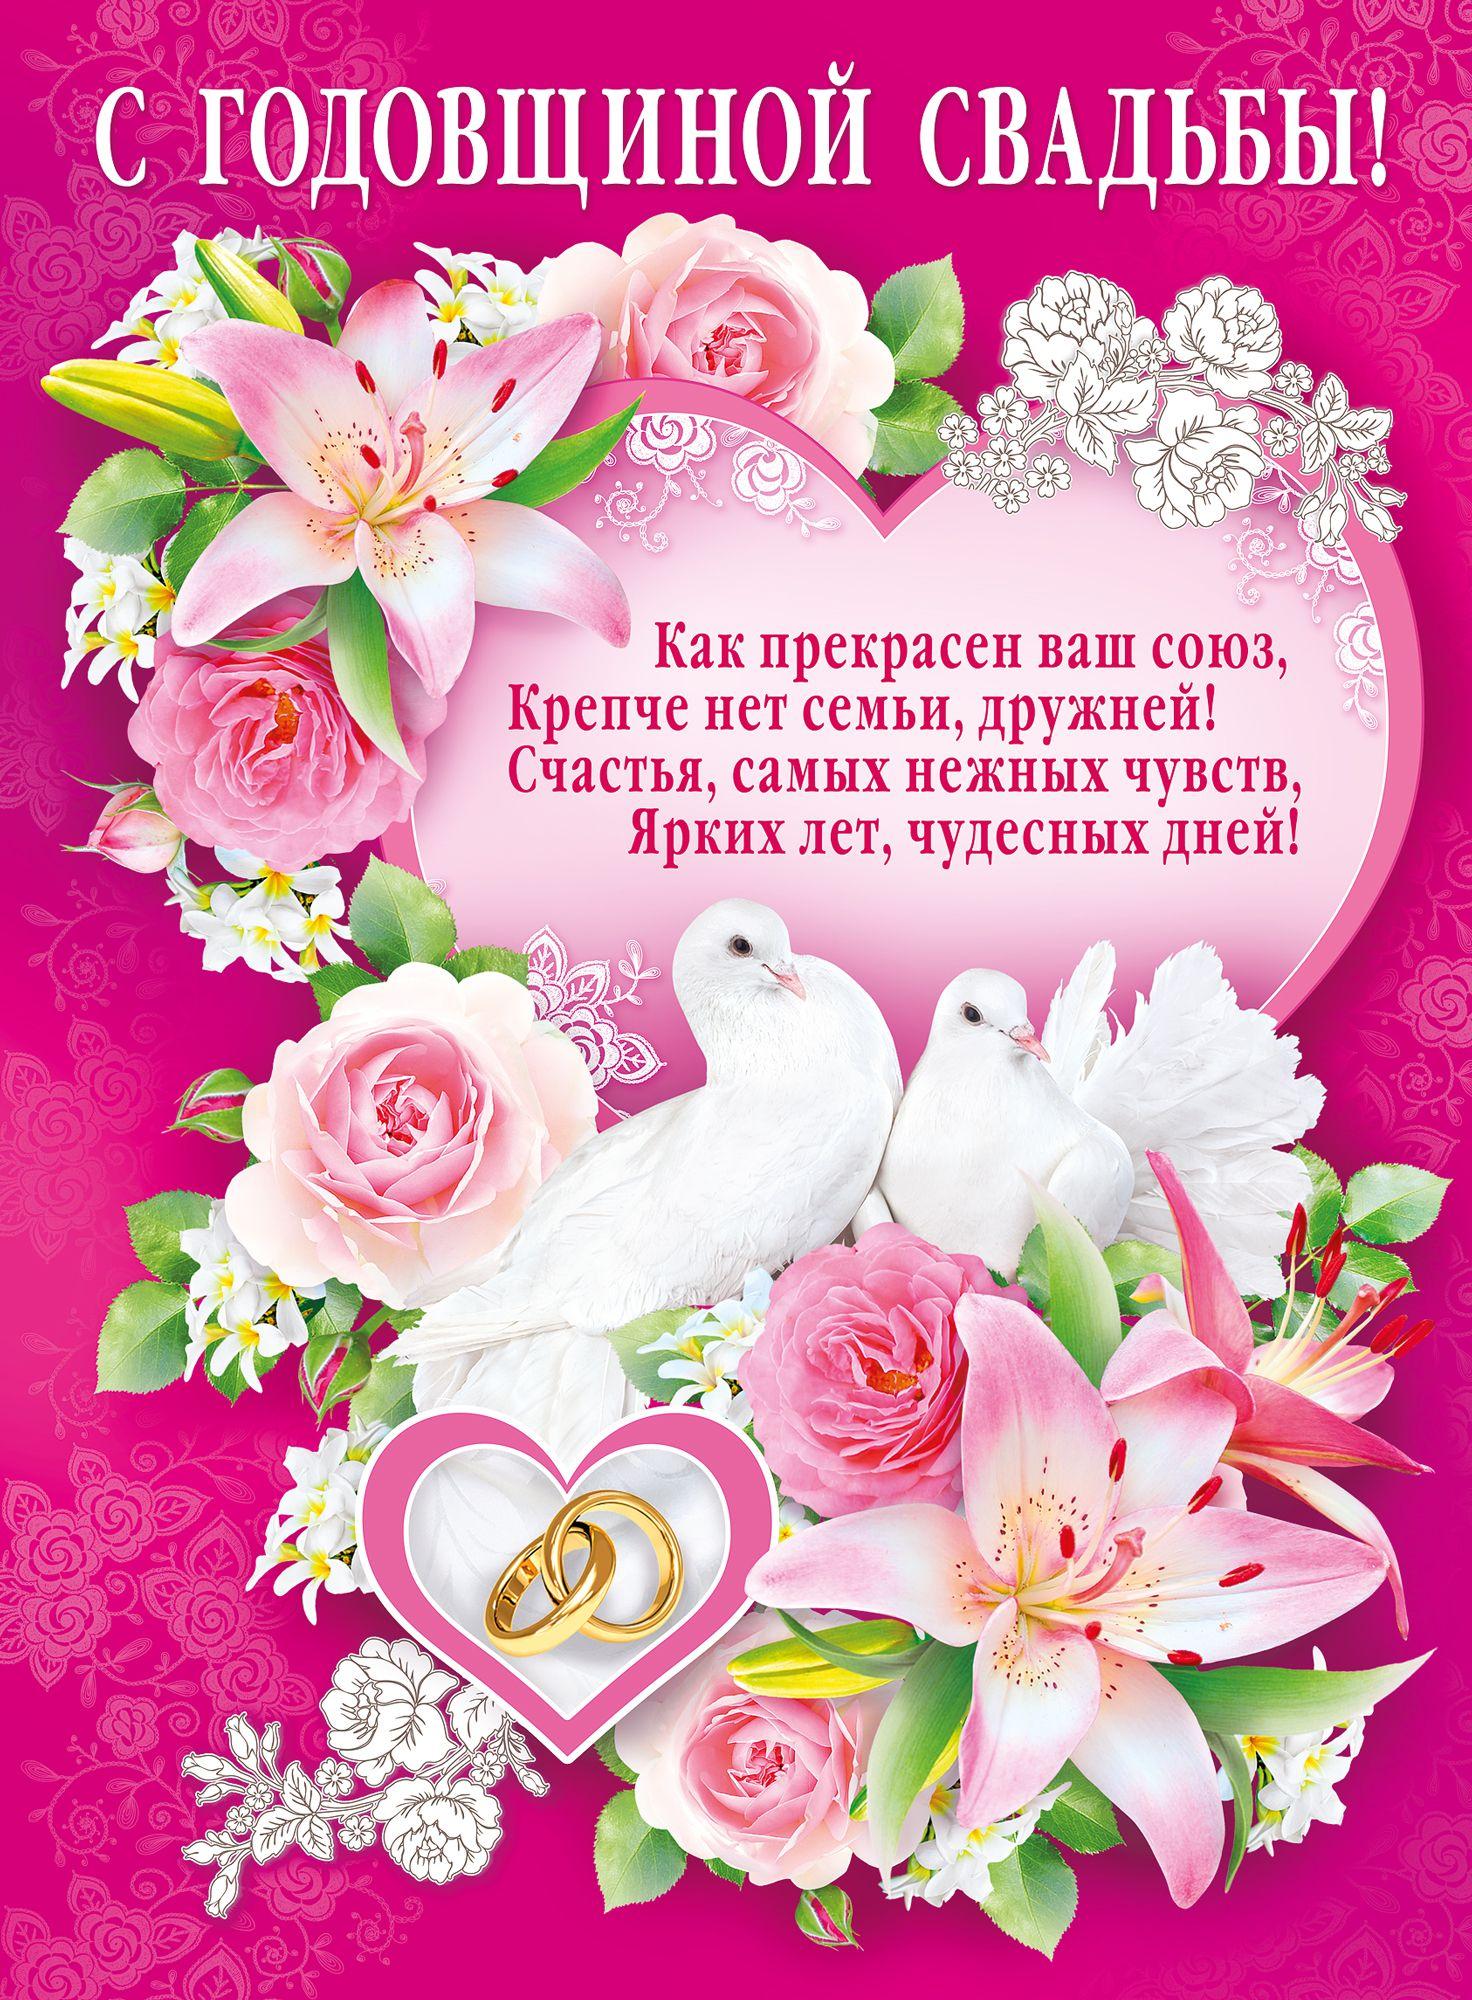 Авторские поздравления с годовщиной свадьбы